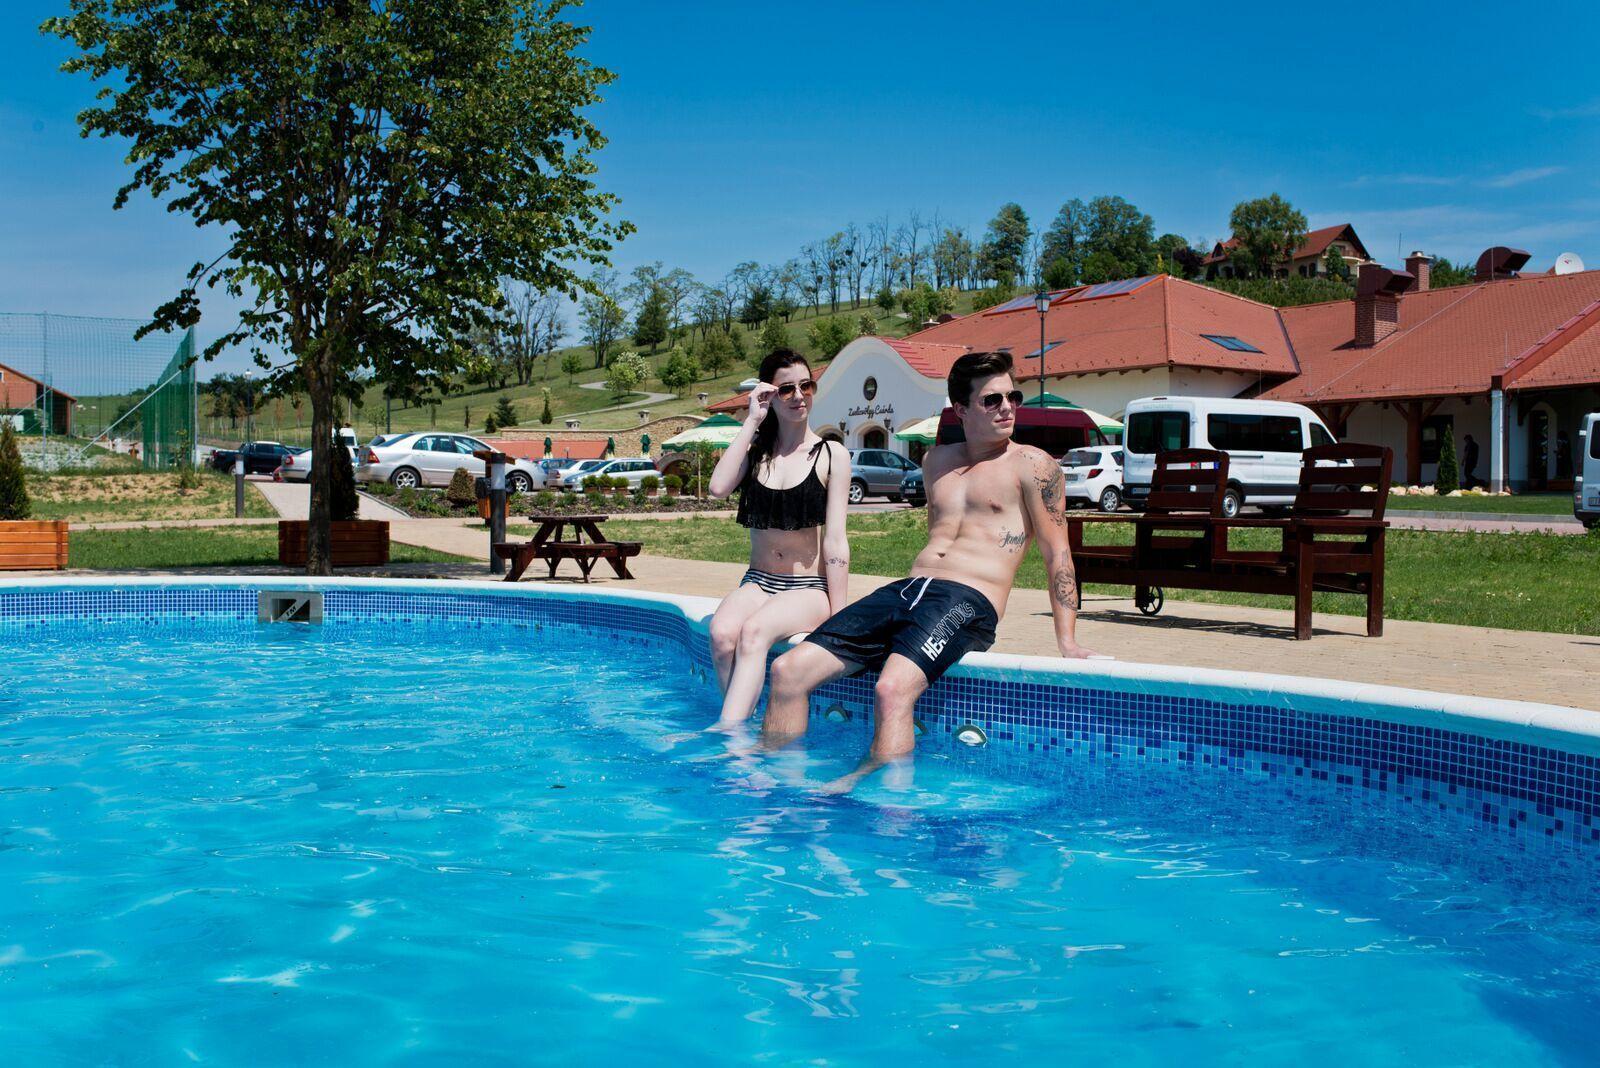 Zselicvölgy Szabadidőfarm Hajmás - A medencénél